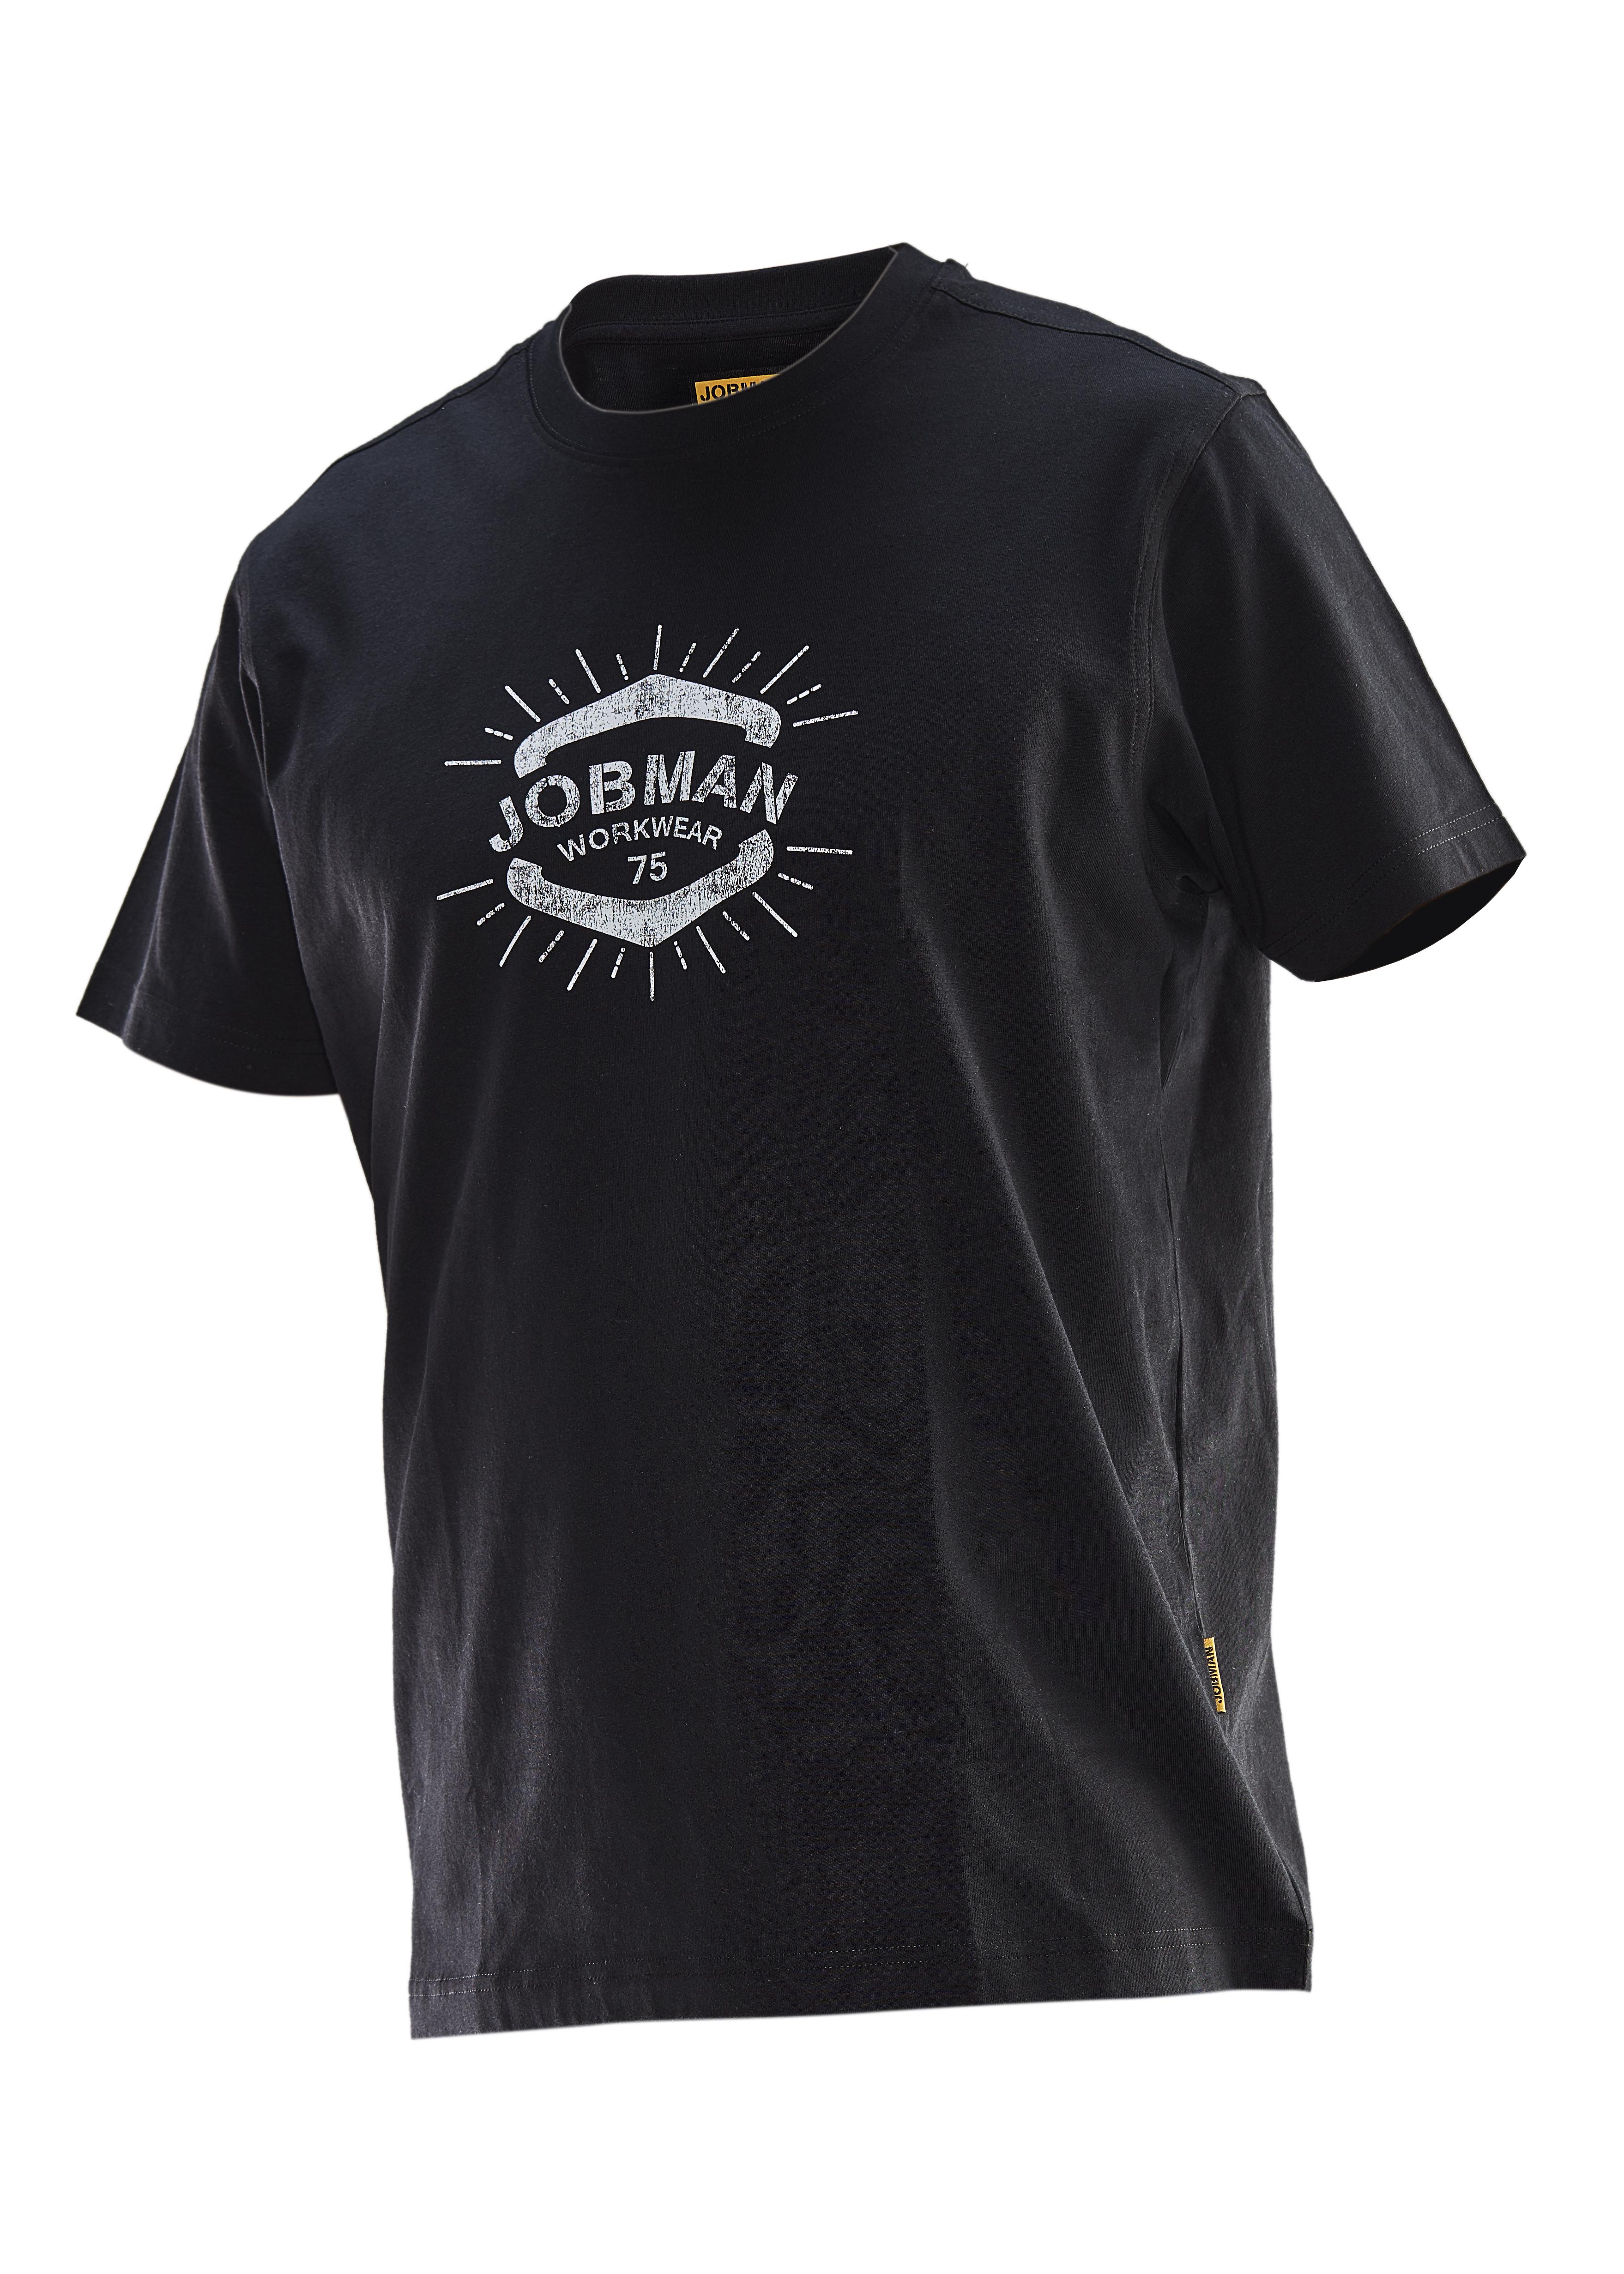 5266 T-shirt imprimé Beatnik 3XL noir/blanc